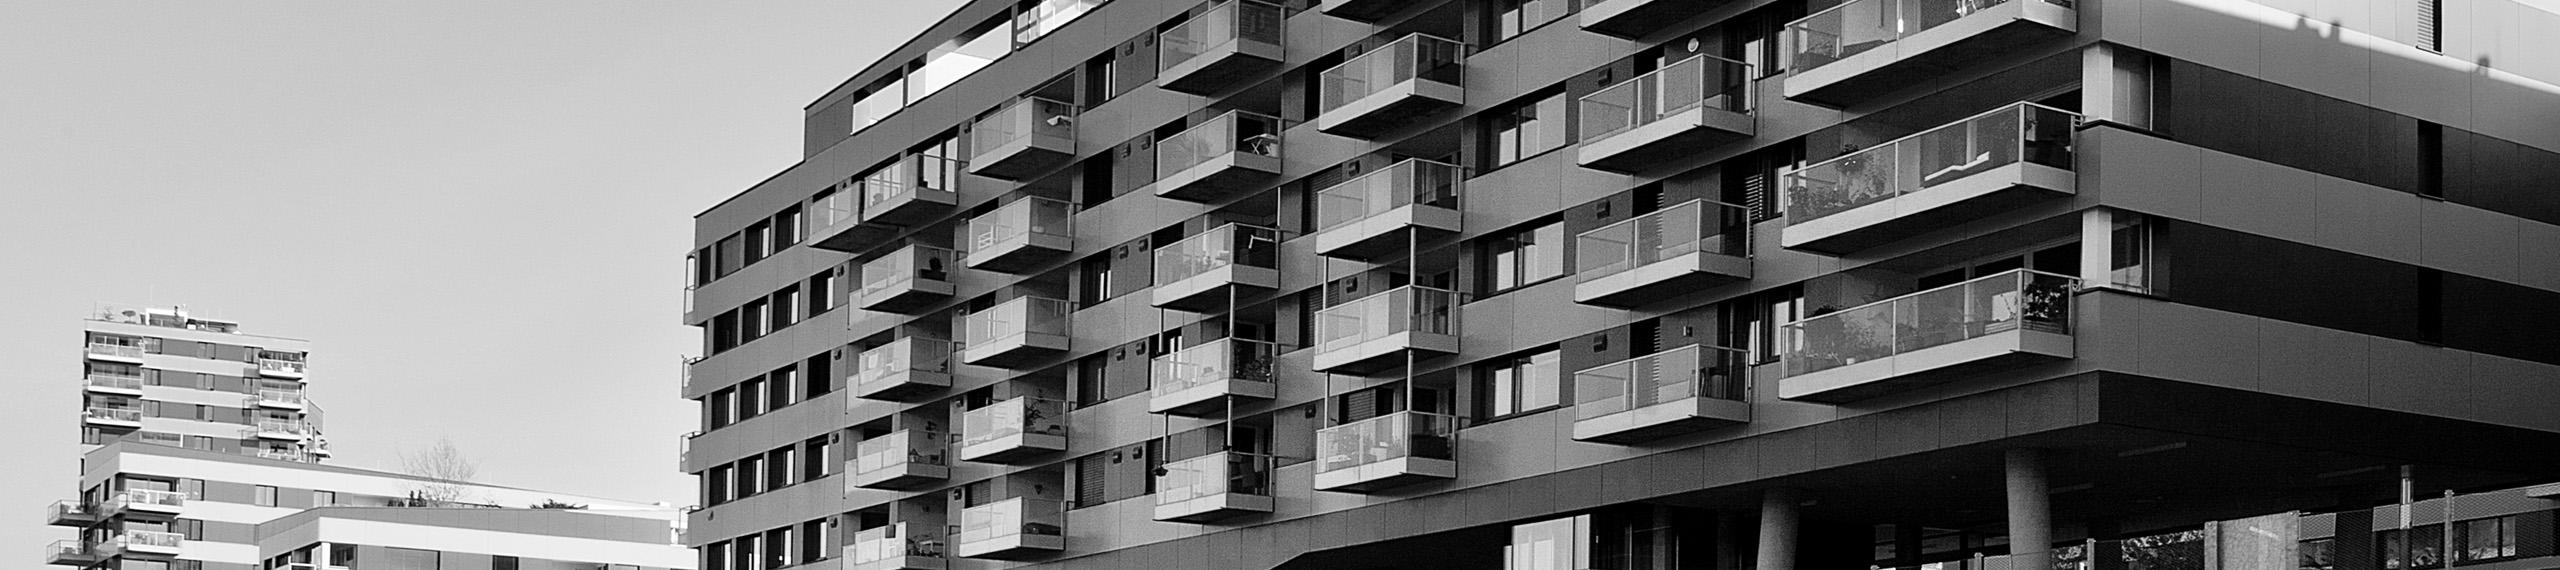 Balkonanbauten, Balkonsysteme, Metall-Auer, Oberösterreich